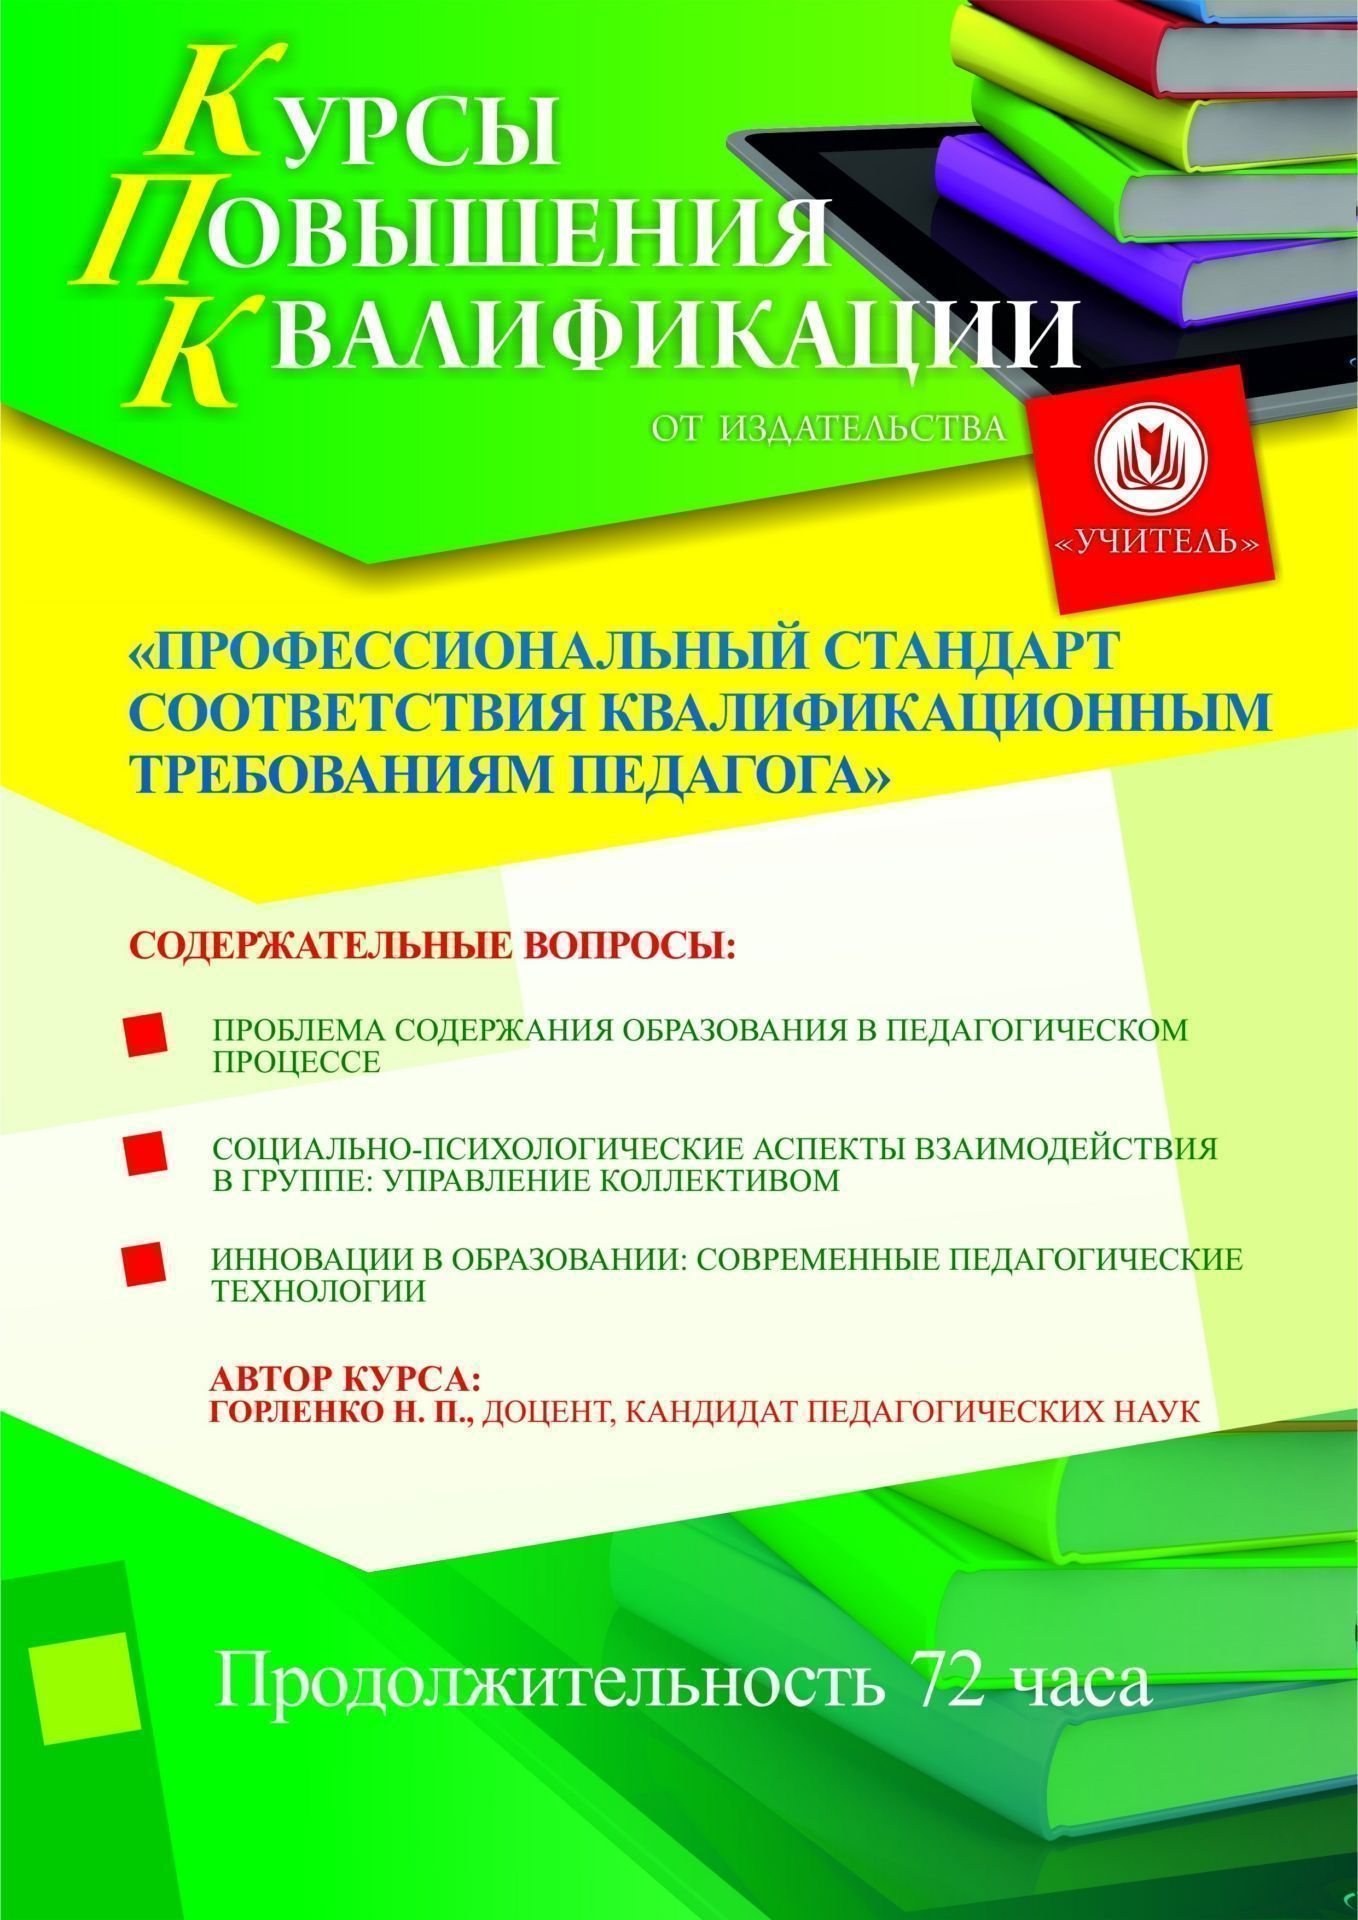 Профессиональный стандарт соответствия квалификационным требованиям педагога (72 ч.) фото